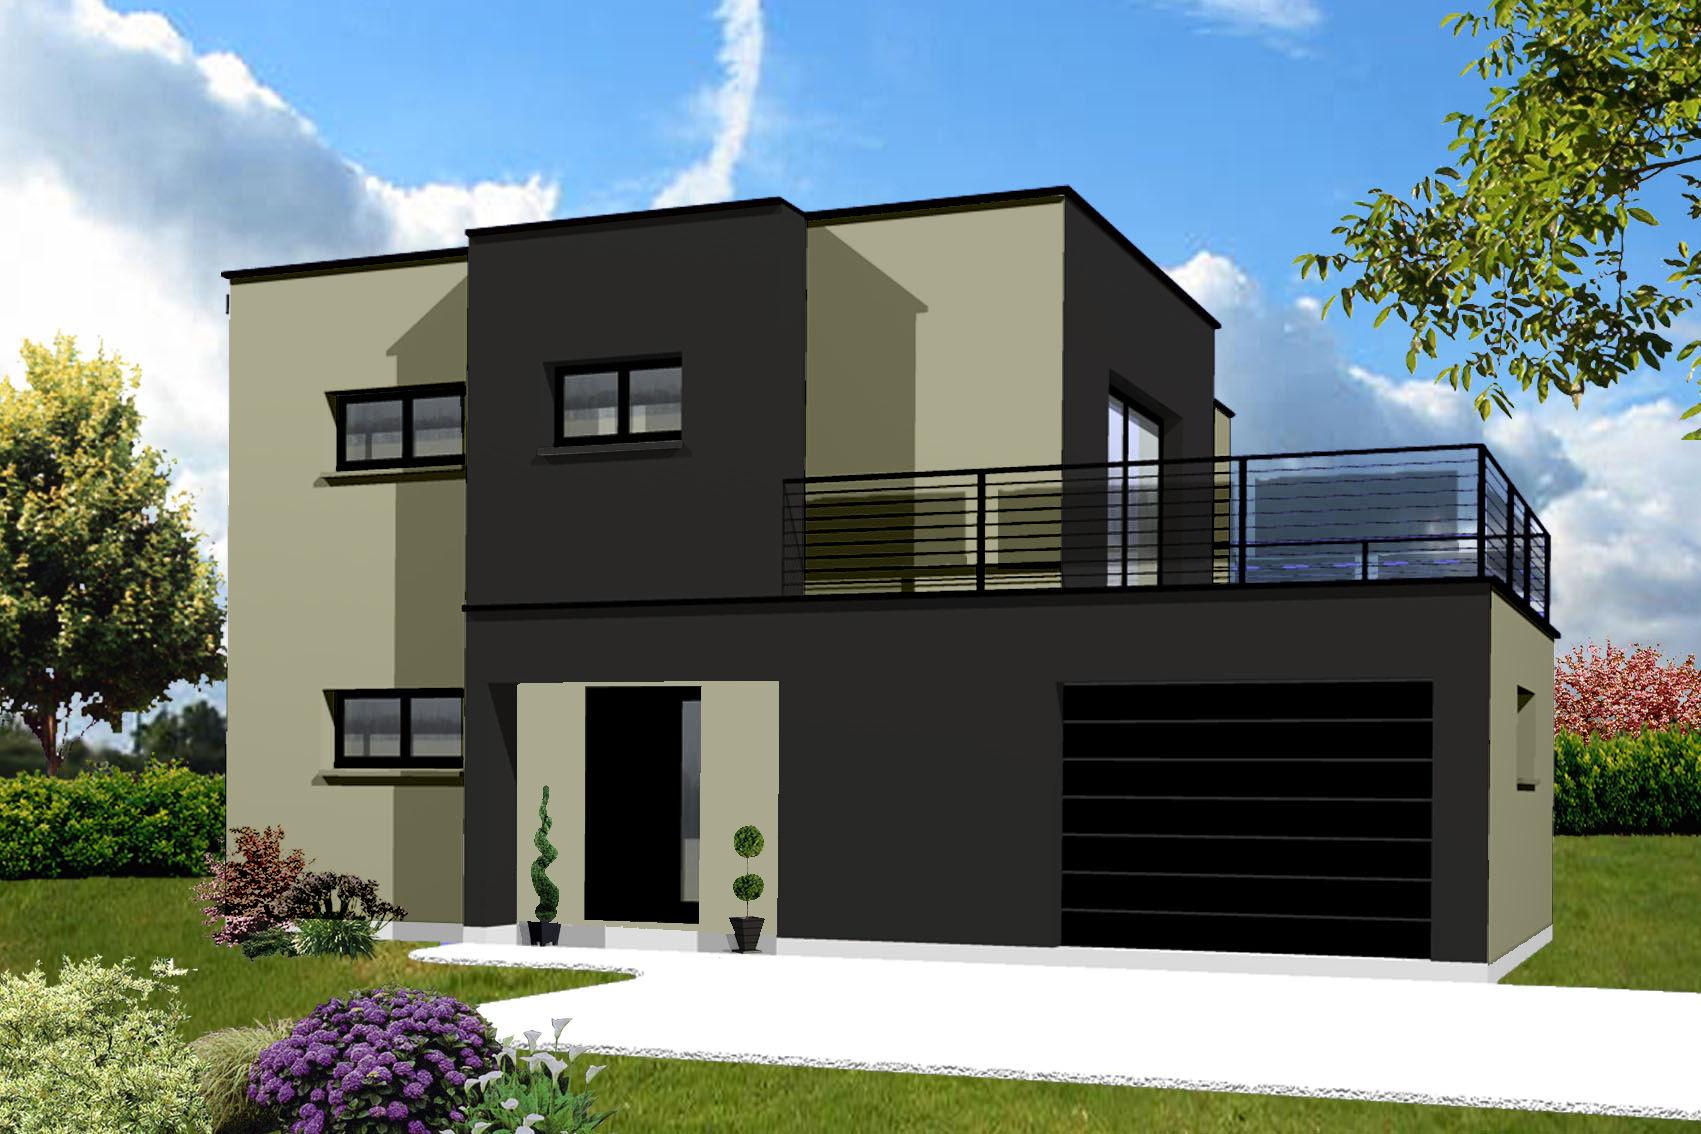 Facade maison cubique ventana blog for Modele couleur facade maison